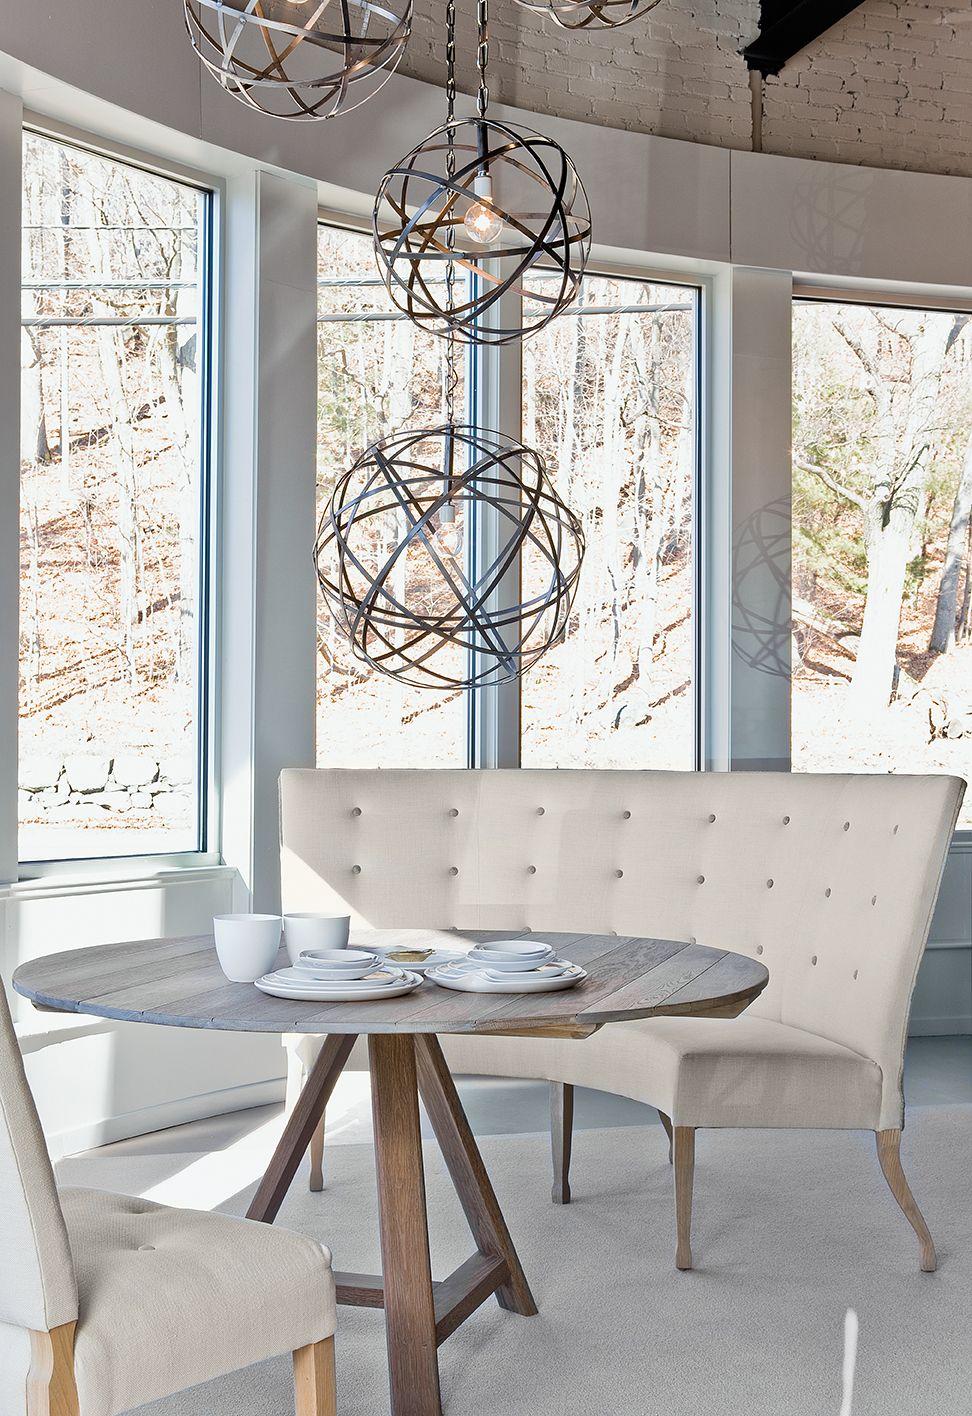 Verellen, Fermette Round Table, Caroline Banquette, Emanuelle Chairs, Iron Orbs, Chandelier, Montes Doggett Tableware,